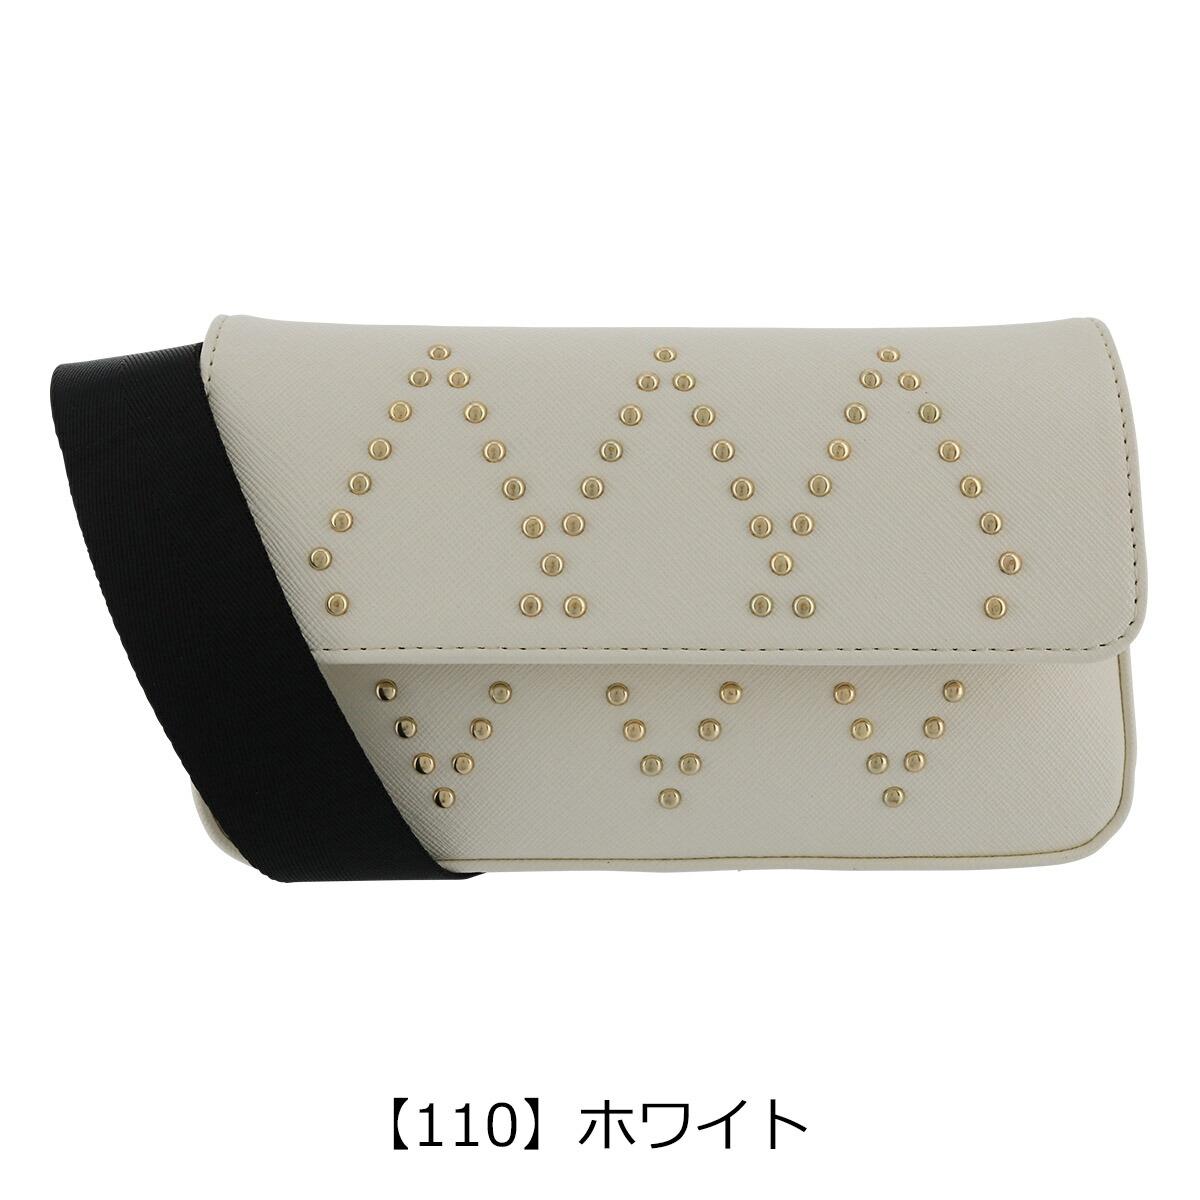 【110】ホワイト